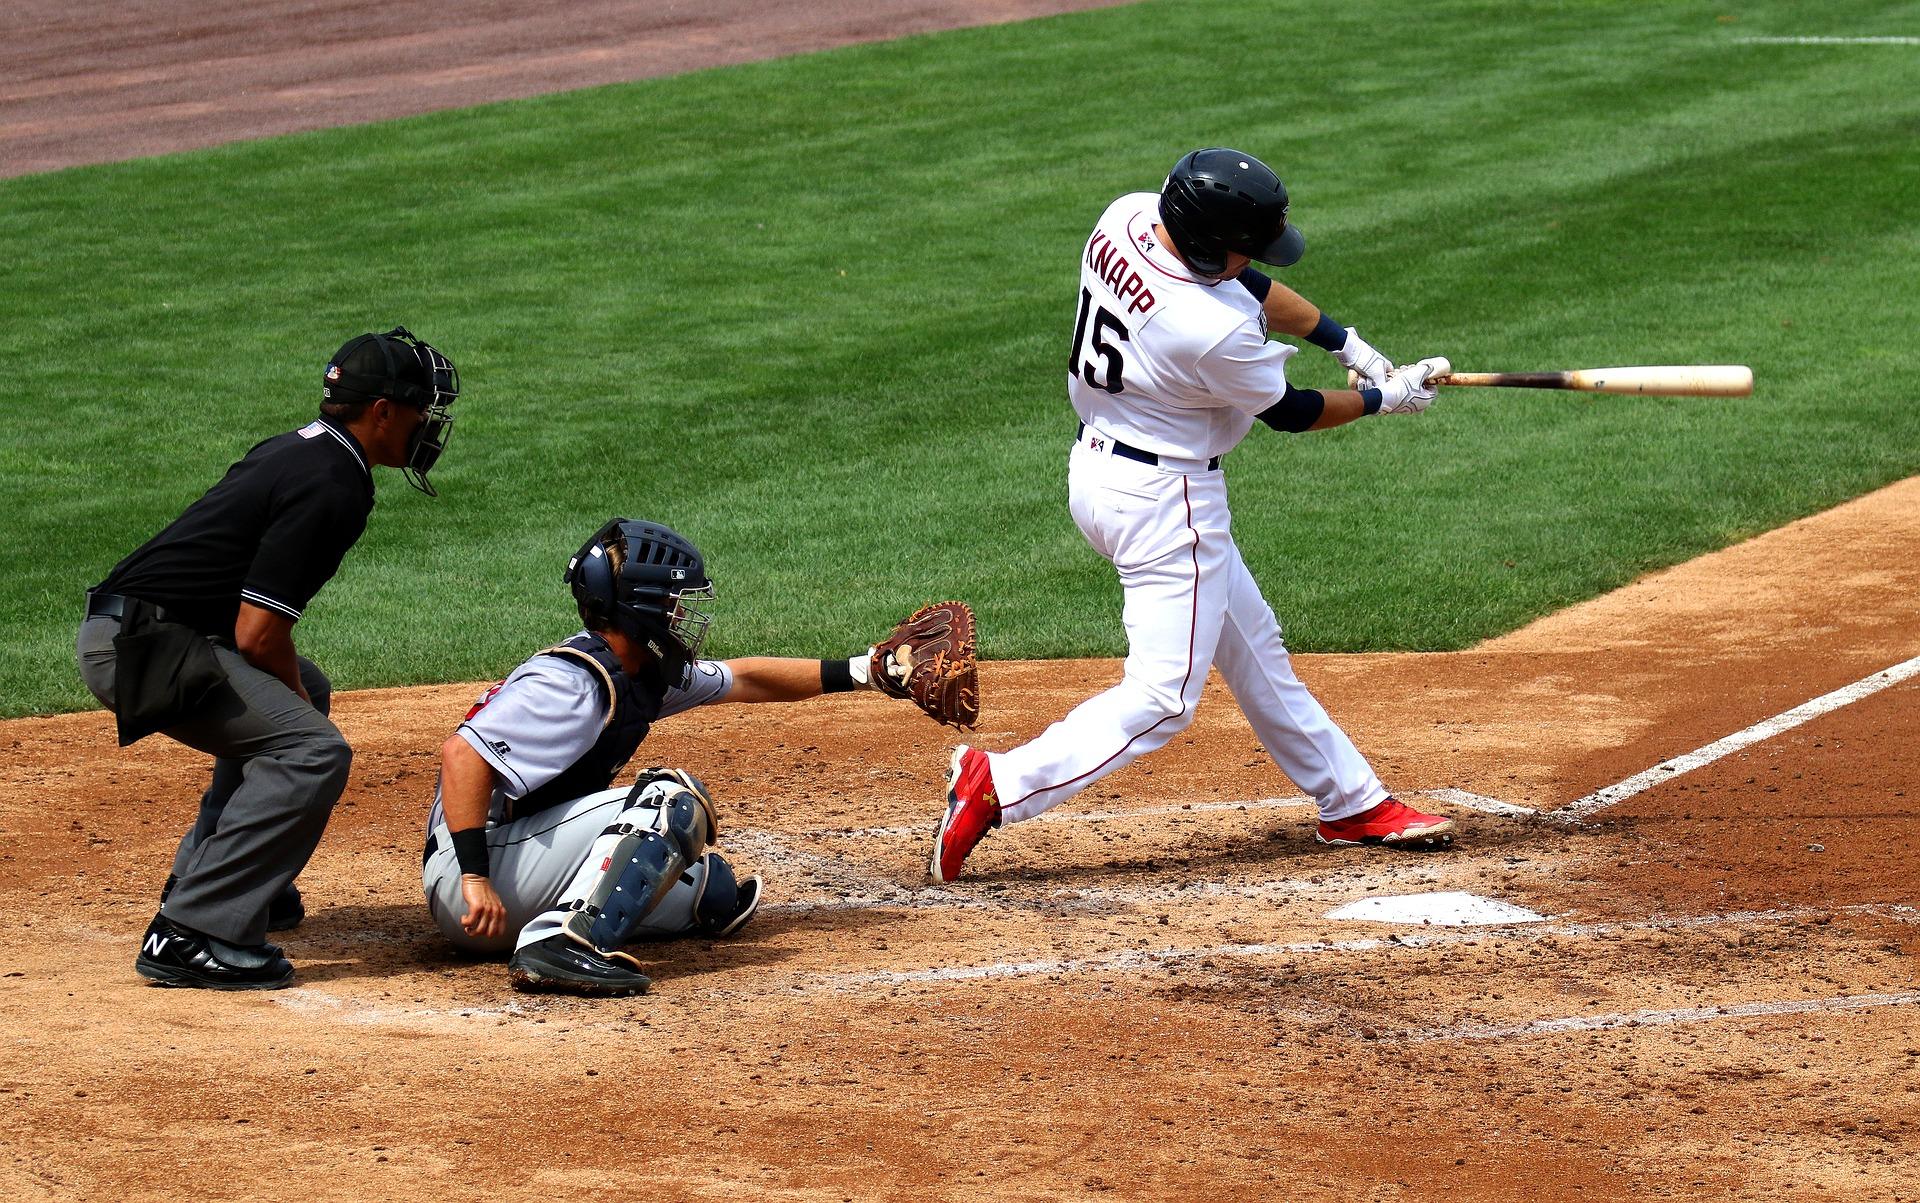 イチロー選手が引退会見で話した「頭を使わなくてもできる野球」とは? #99